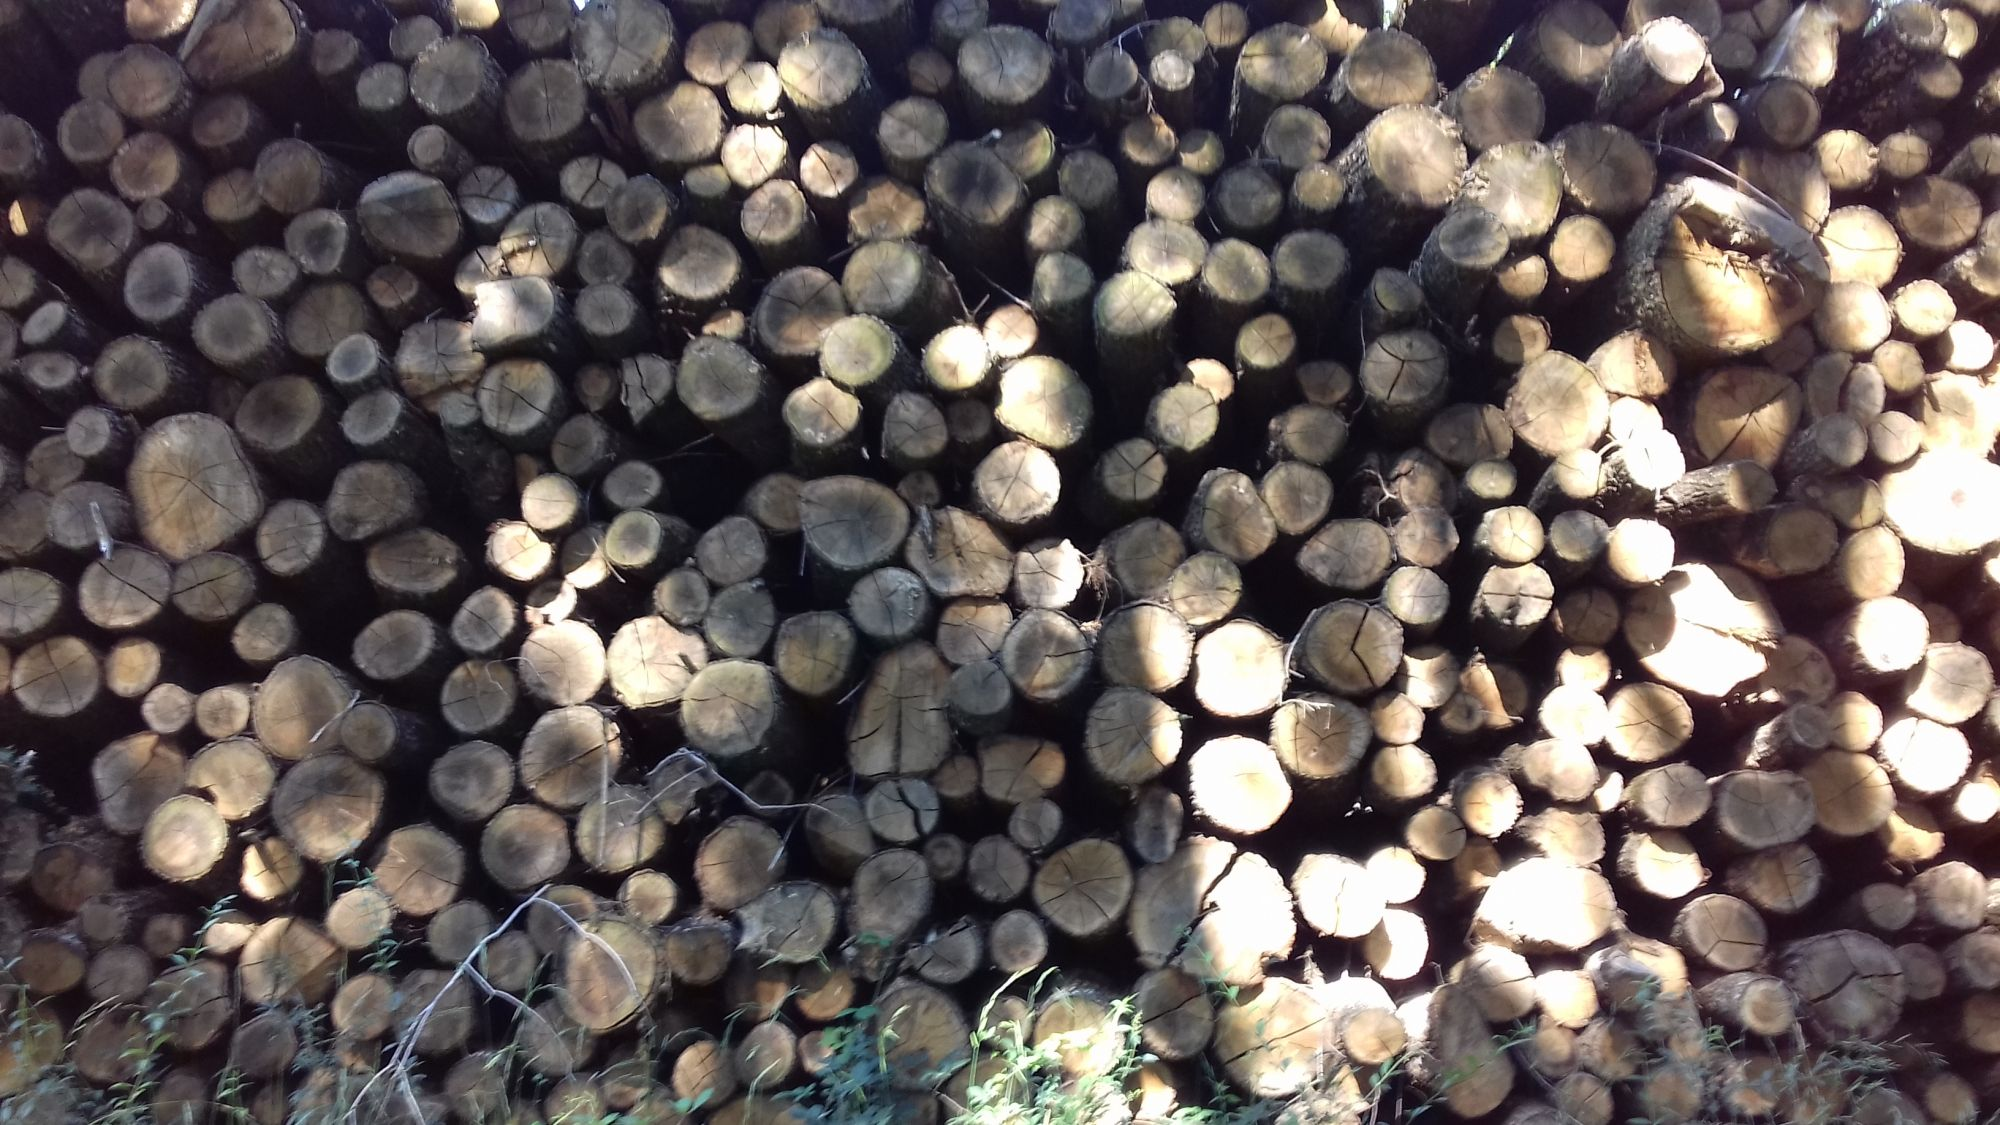 bois de chauffage 15site internet pour revendeur de combustible bois dans le Cantal